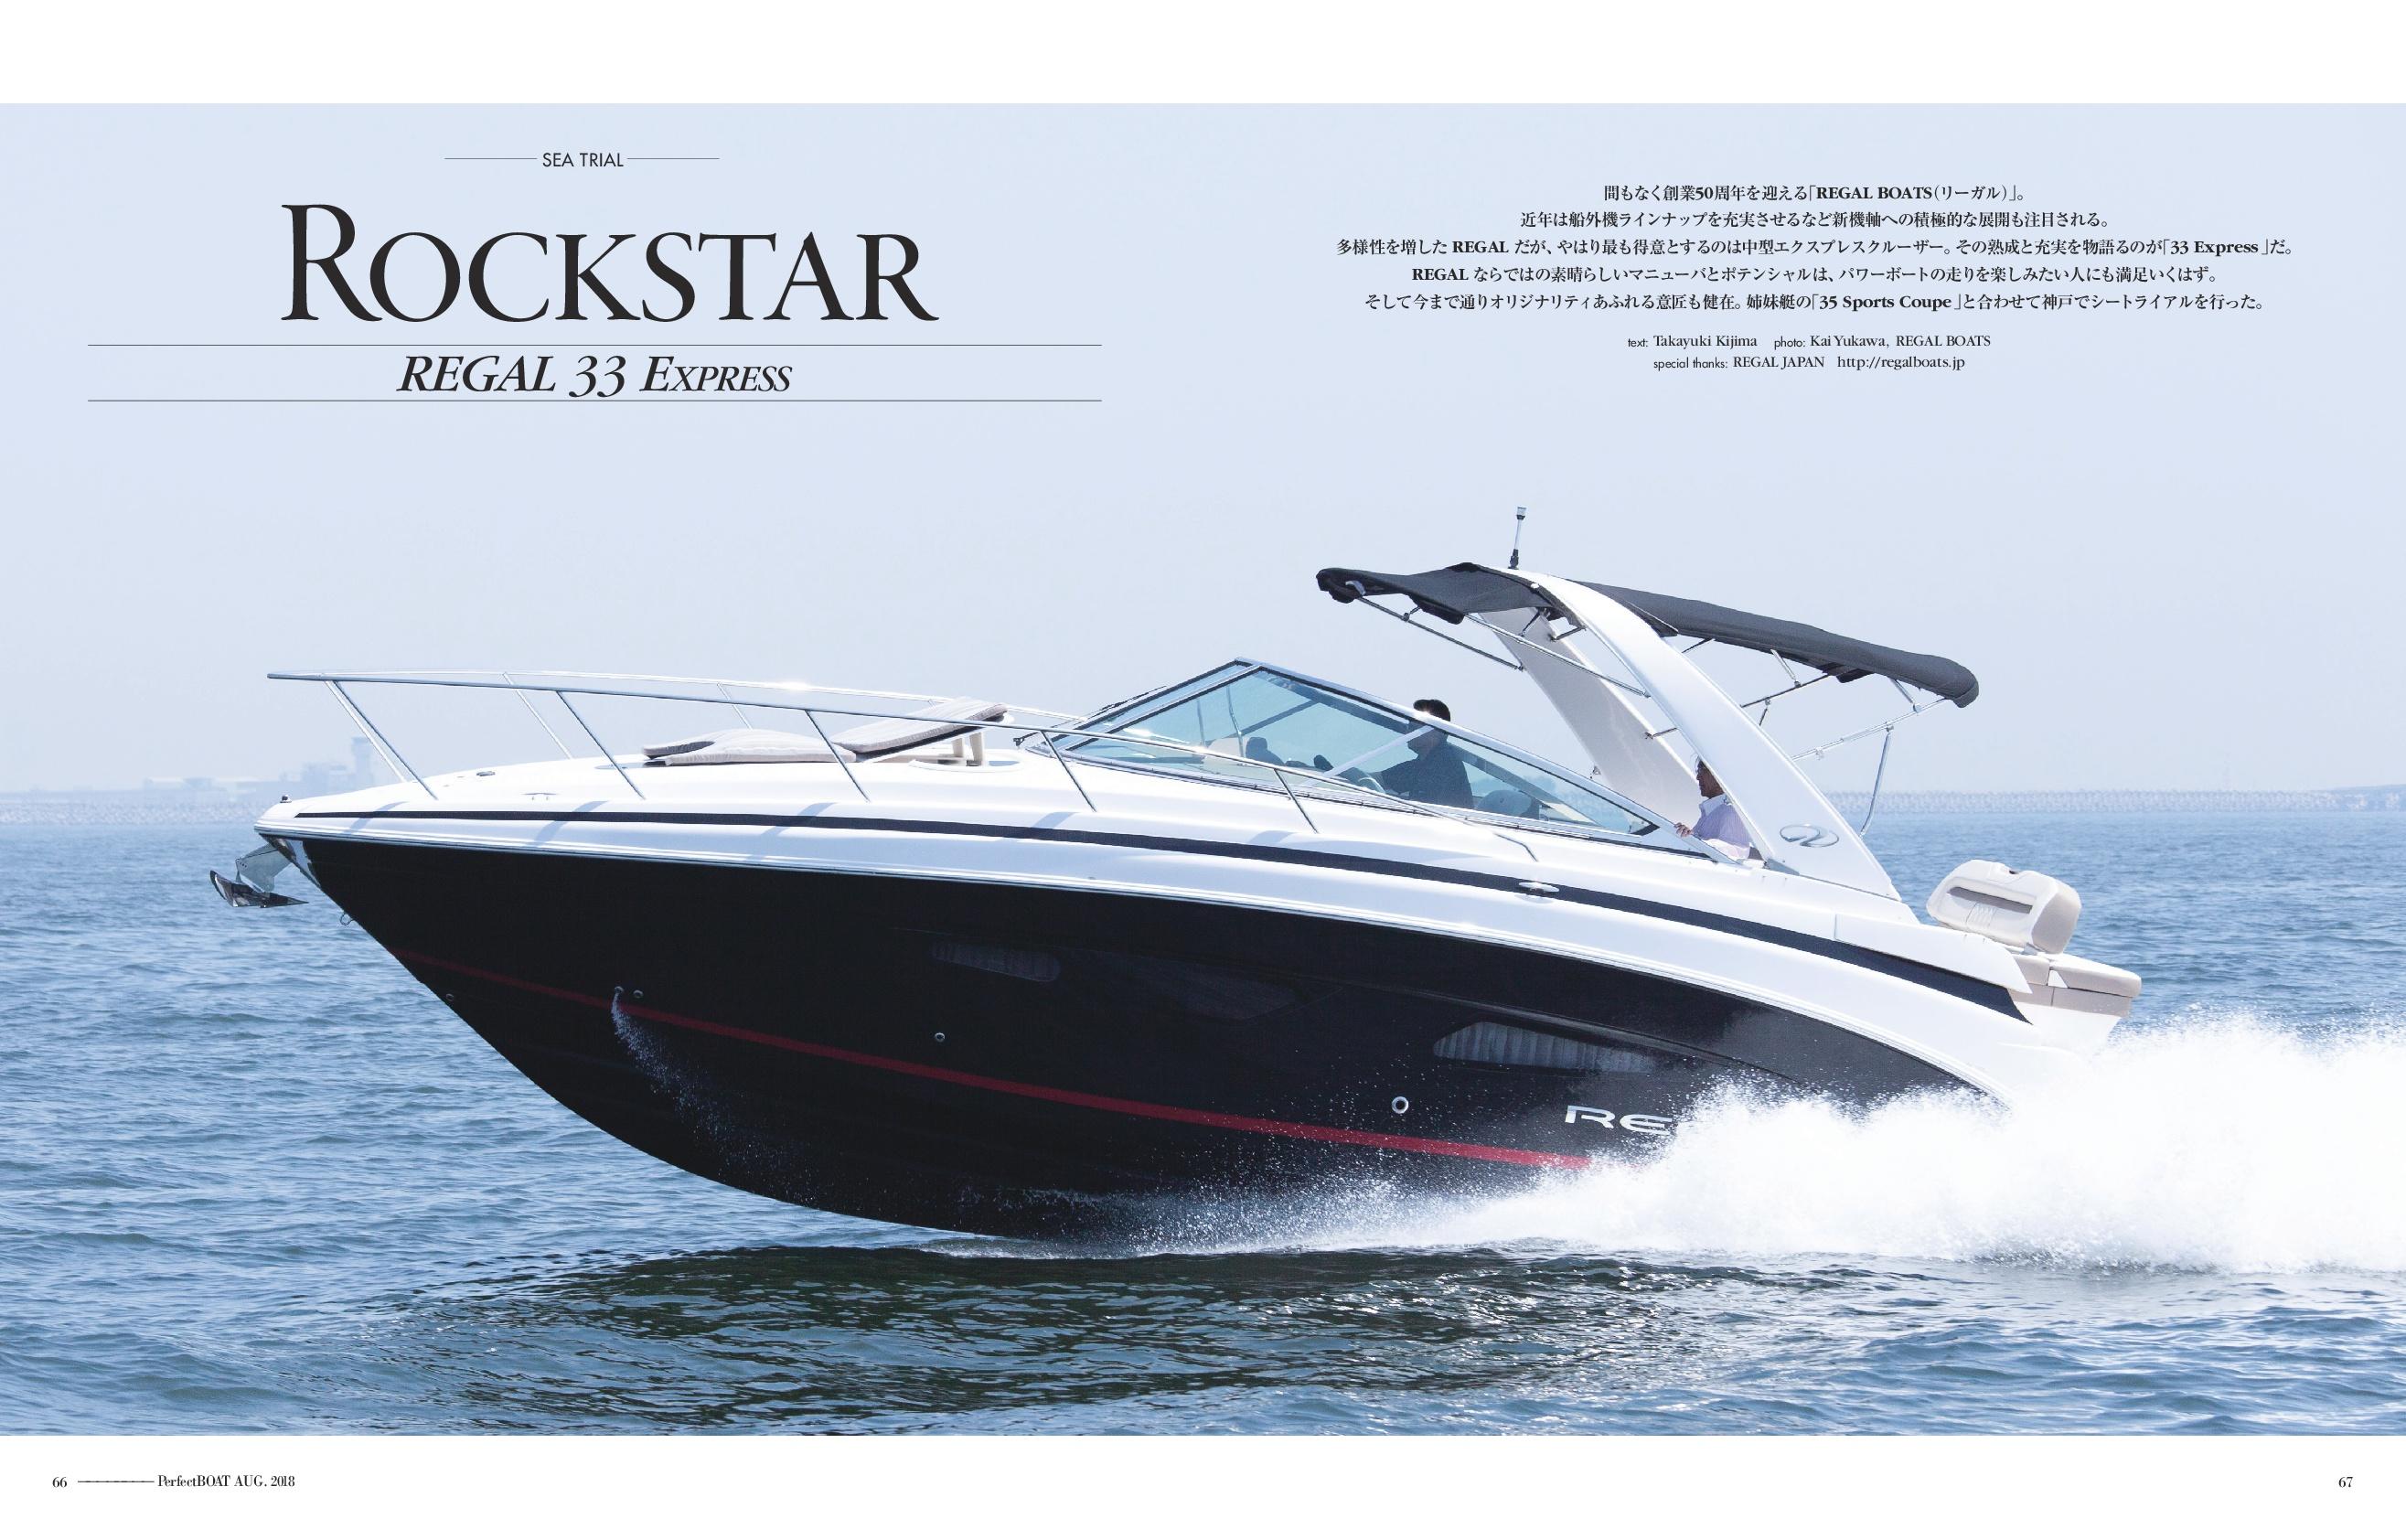 ◆メディア掲載: 「Perfect BOAT」パーフェクトボート誌 2018.8月号